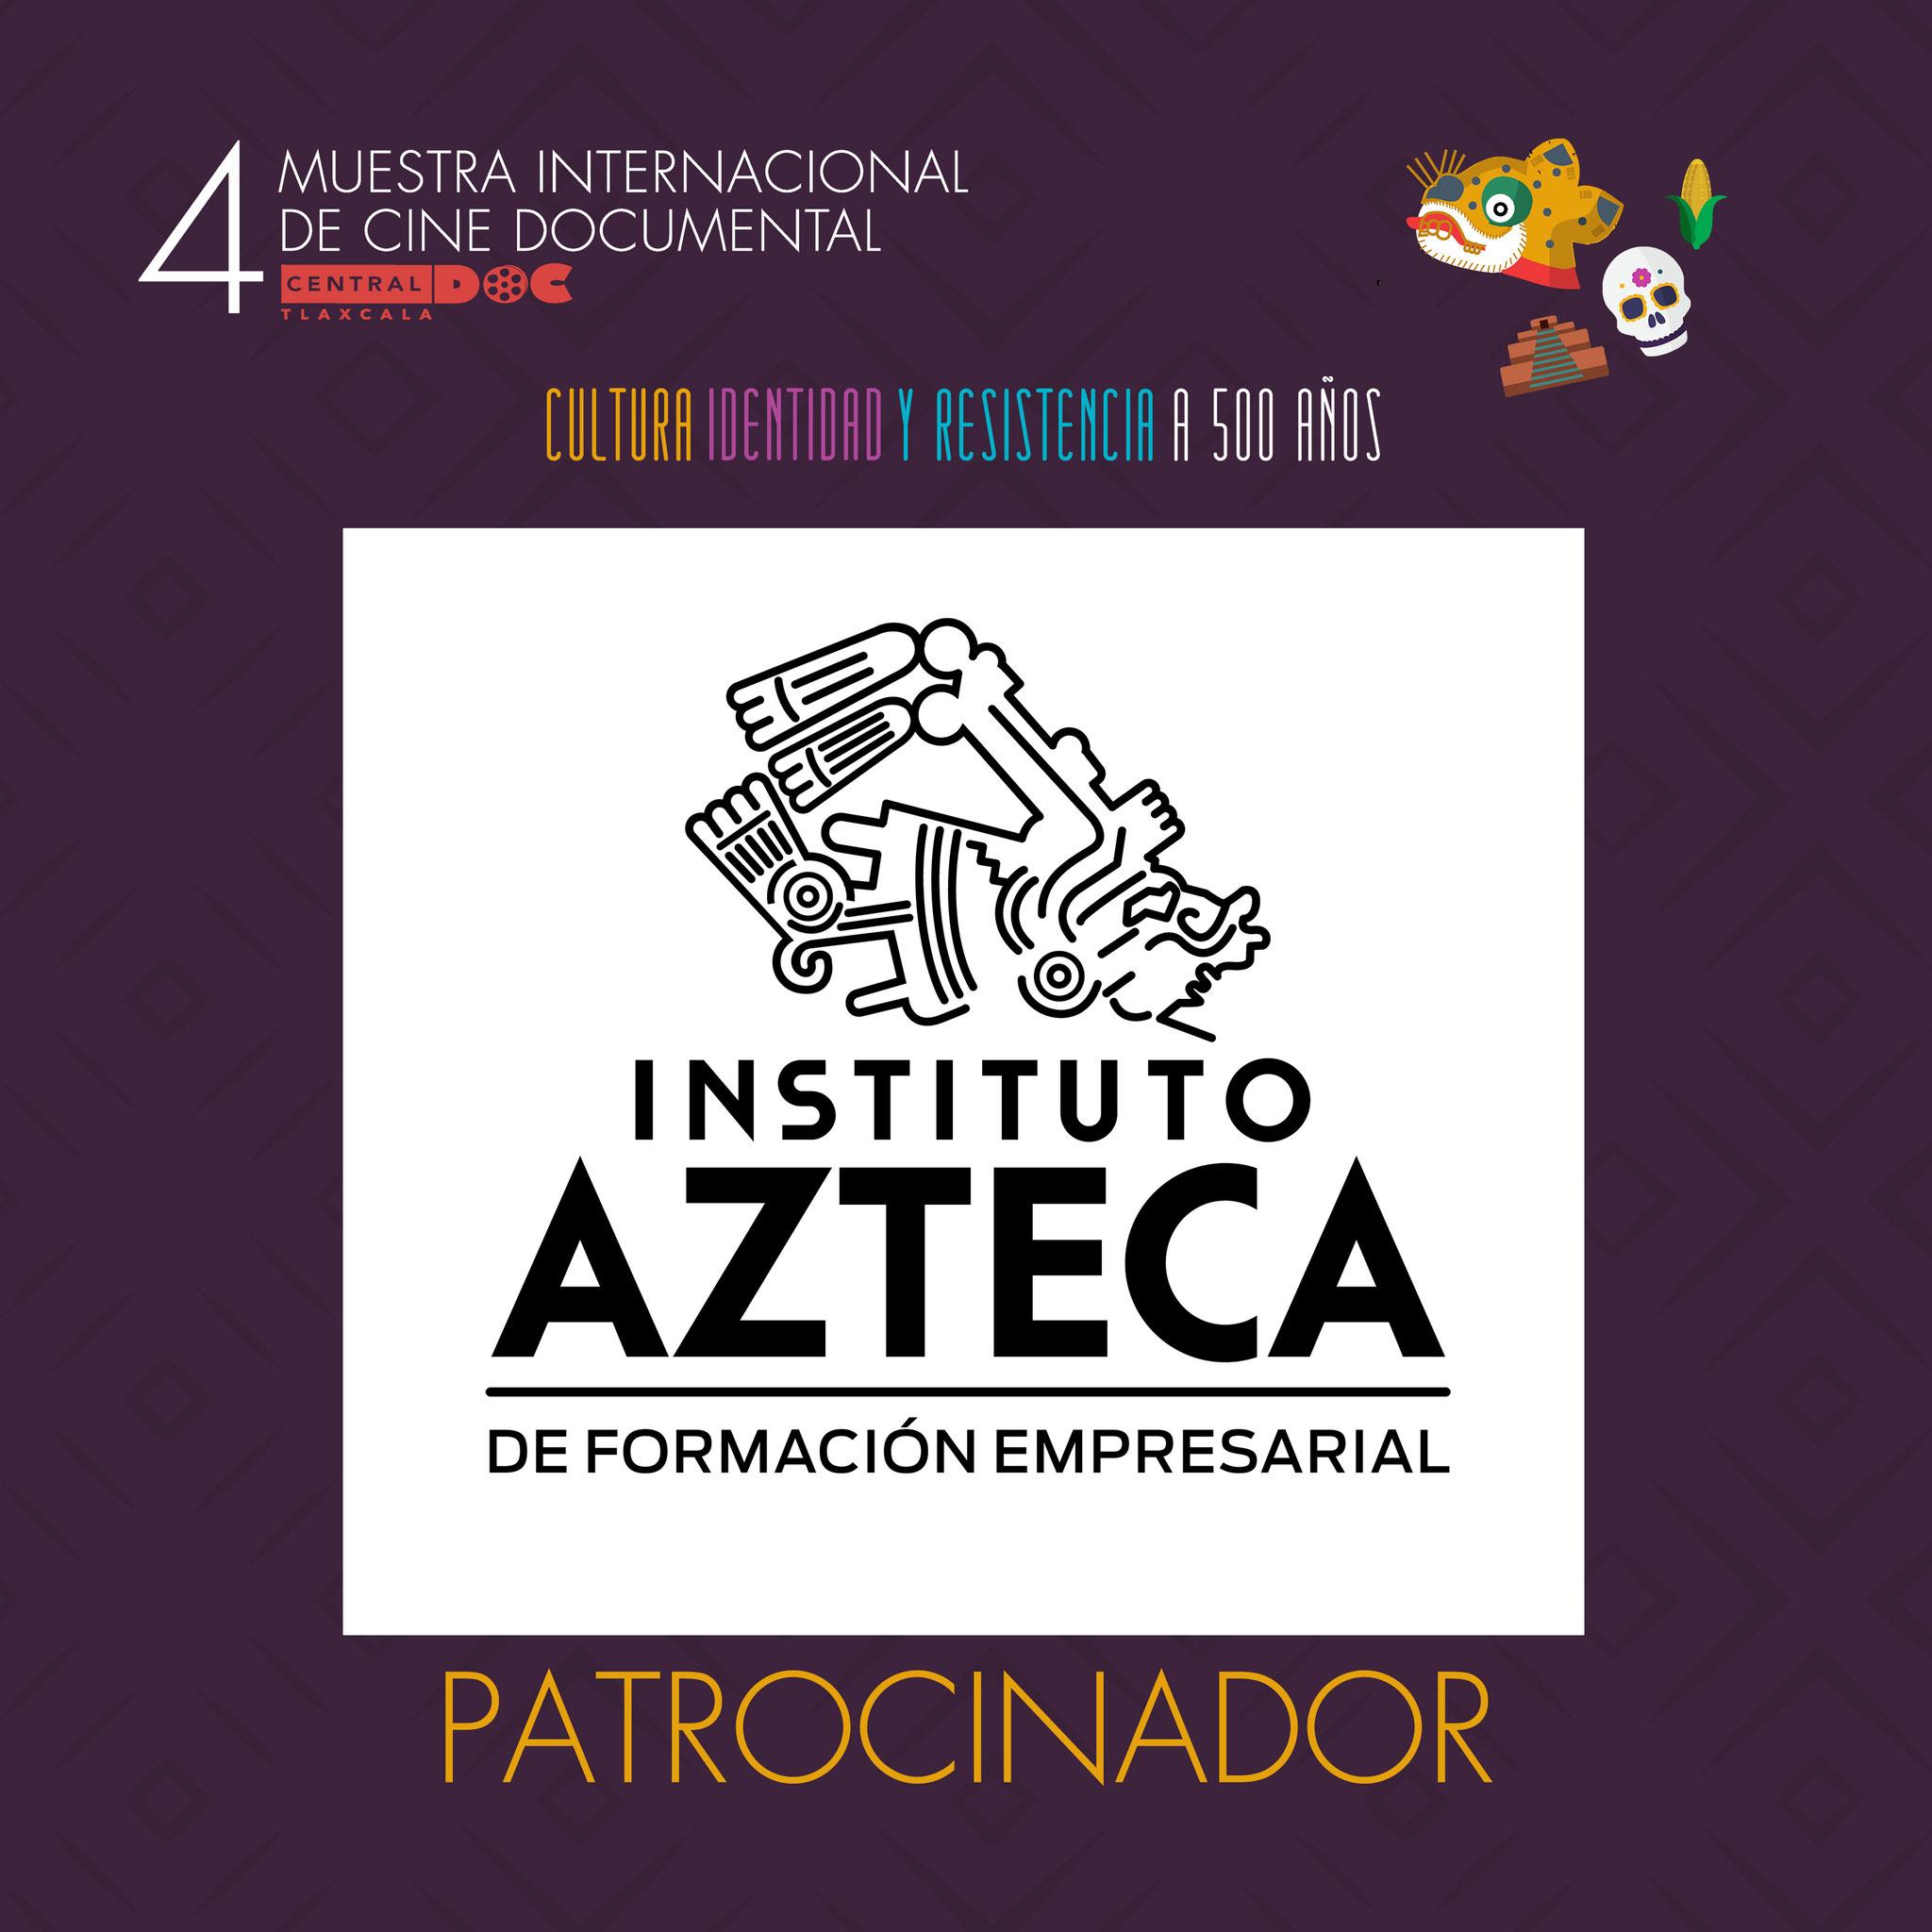 Dirección: Calle 29 sur # 118 colonia la paz 72160 Puebla de Zaragoza. Mail: institutoaztecatlx@gmail.com